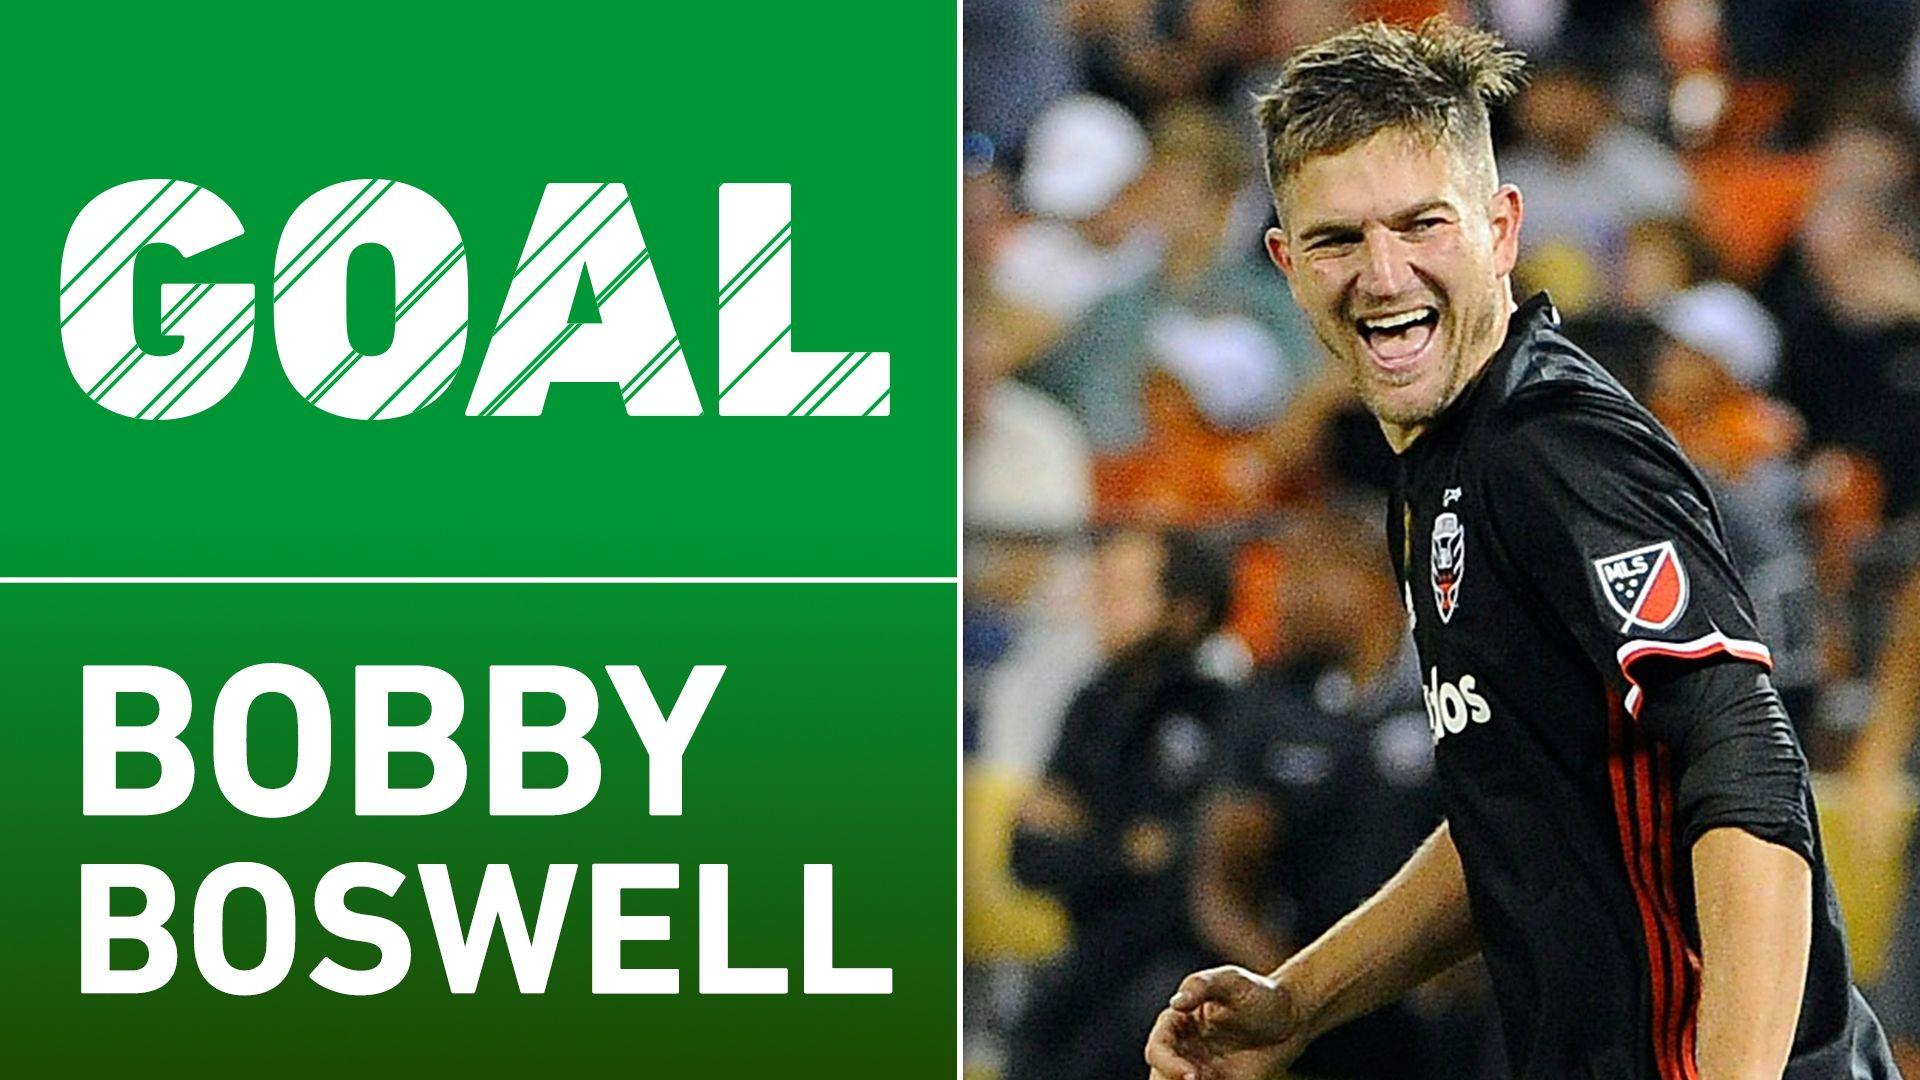 MLS veteran Bobby Boswell announces retirement